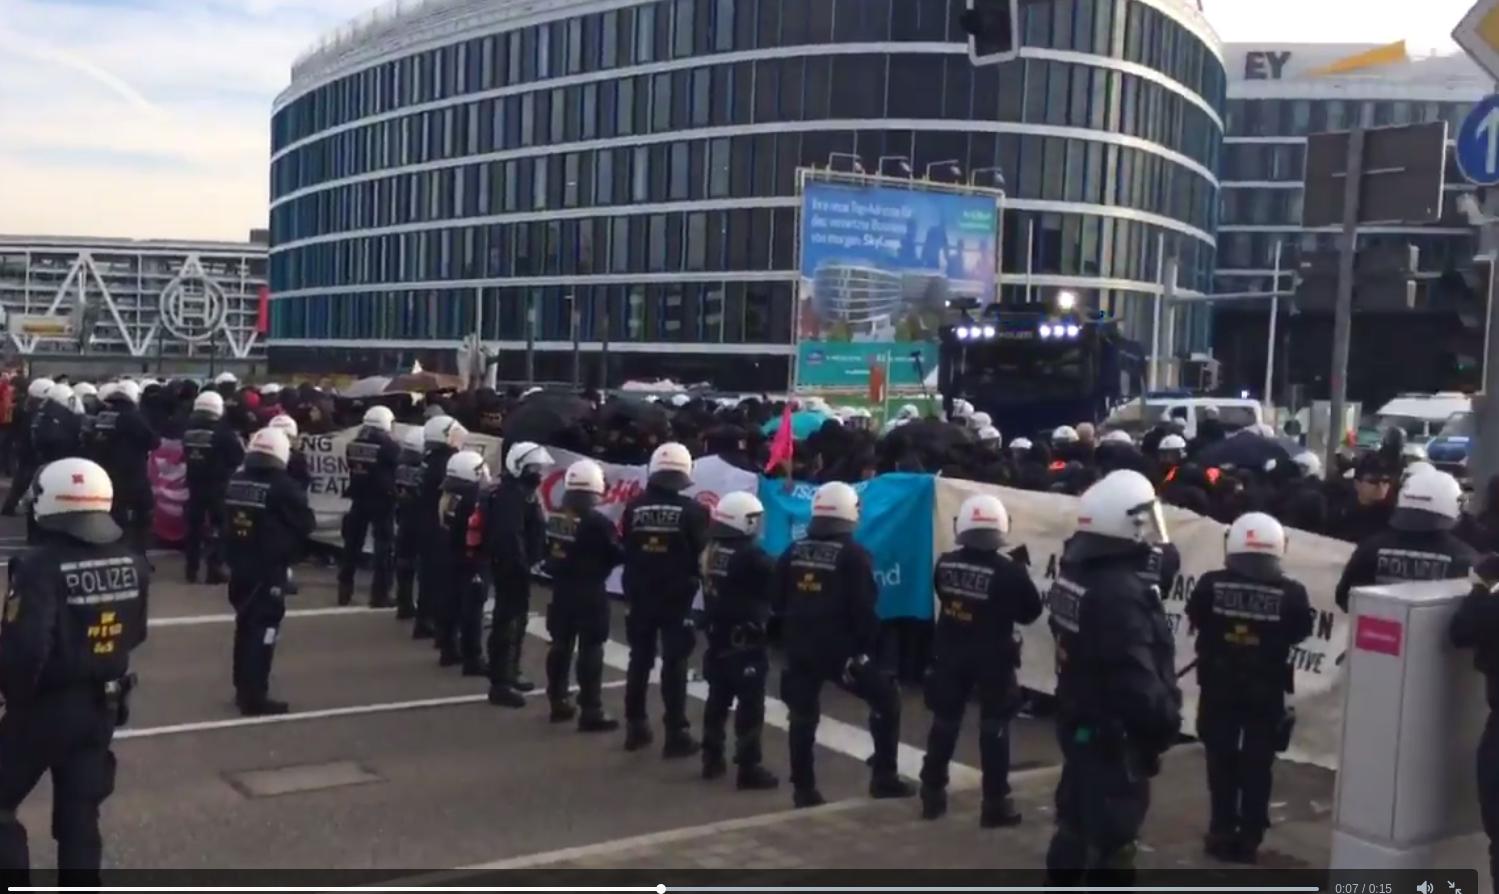 Demo vor AfD-Parteitag Stuttgarter Messe: Live-Ticker – Parteitag beginnt verspätet – Hunderte Demonstranten festgesetzt